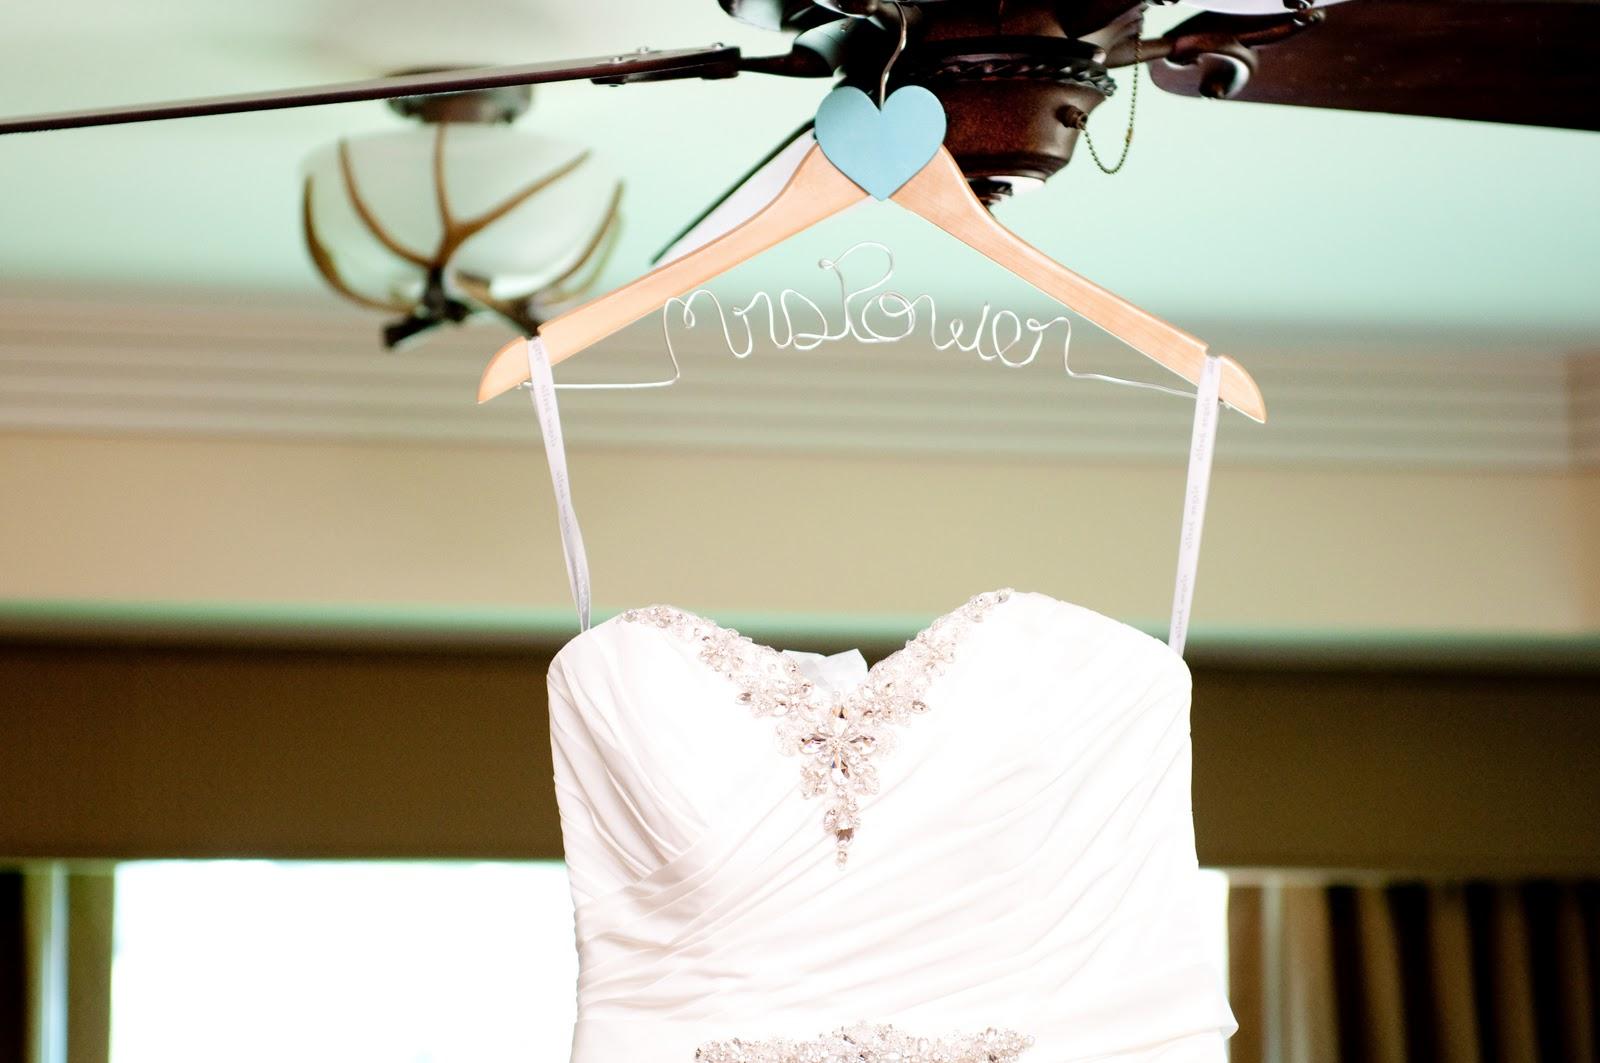 DIY Wedding Ideas - Here is a